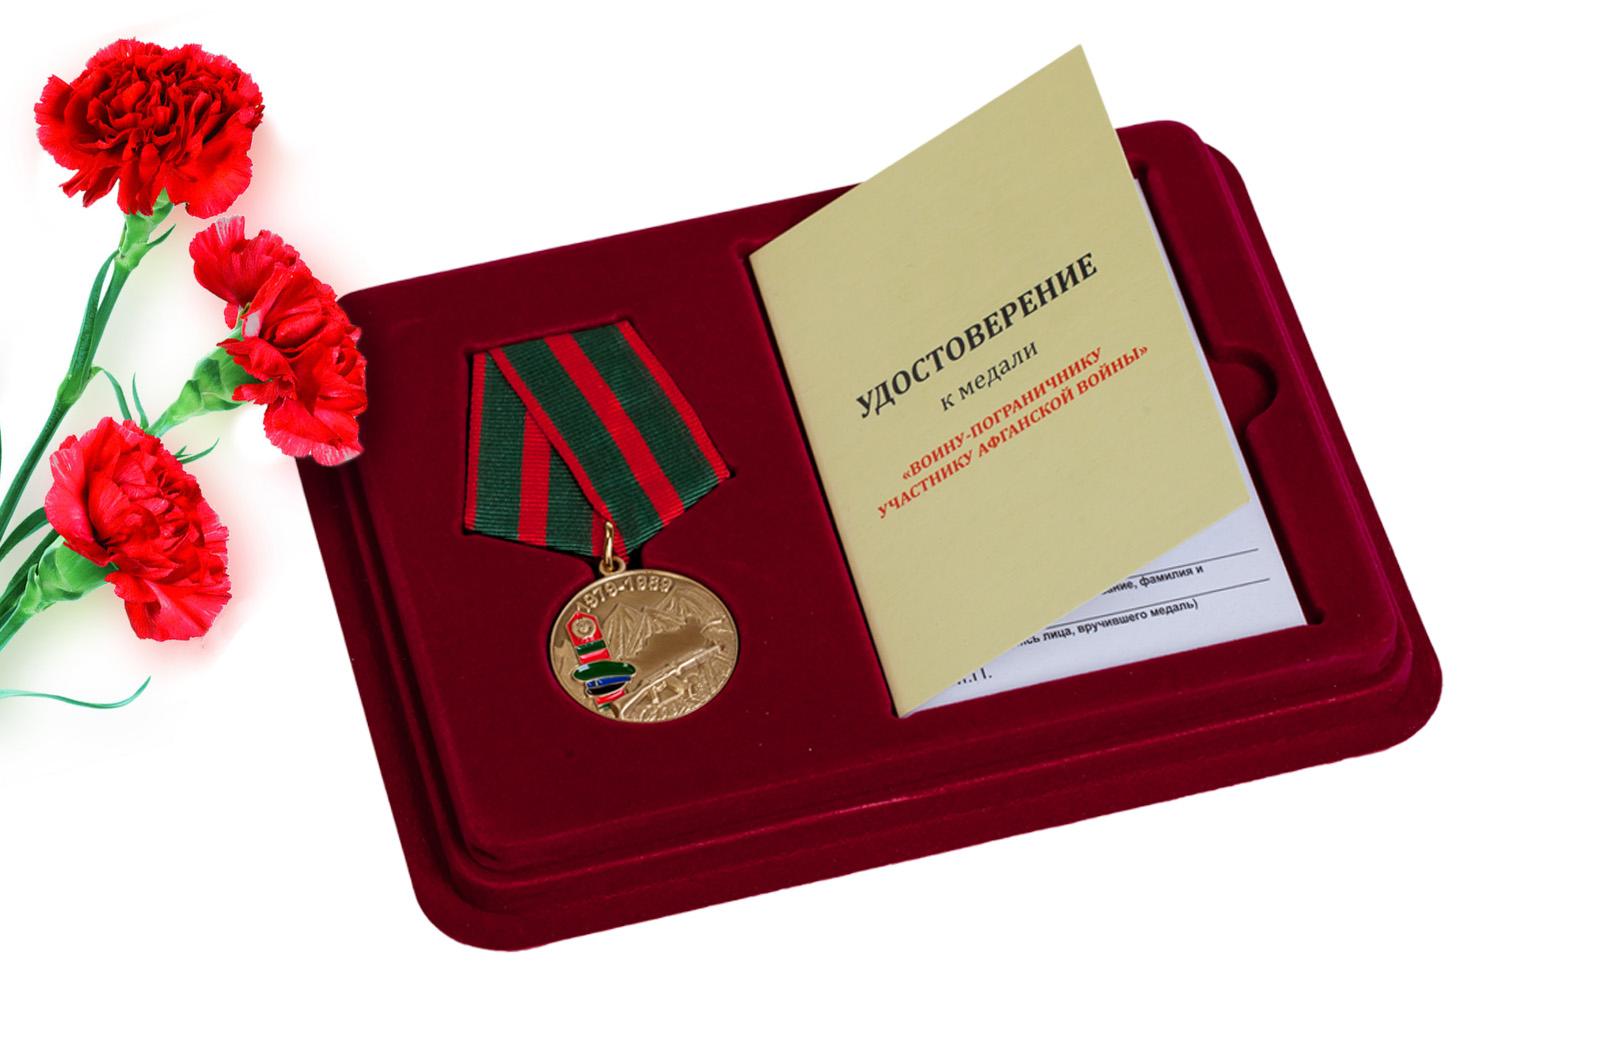 Купить памятную медаль Воину-пограничнику, участнику Афганской войны в подарок